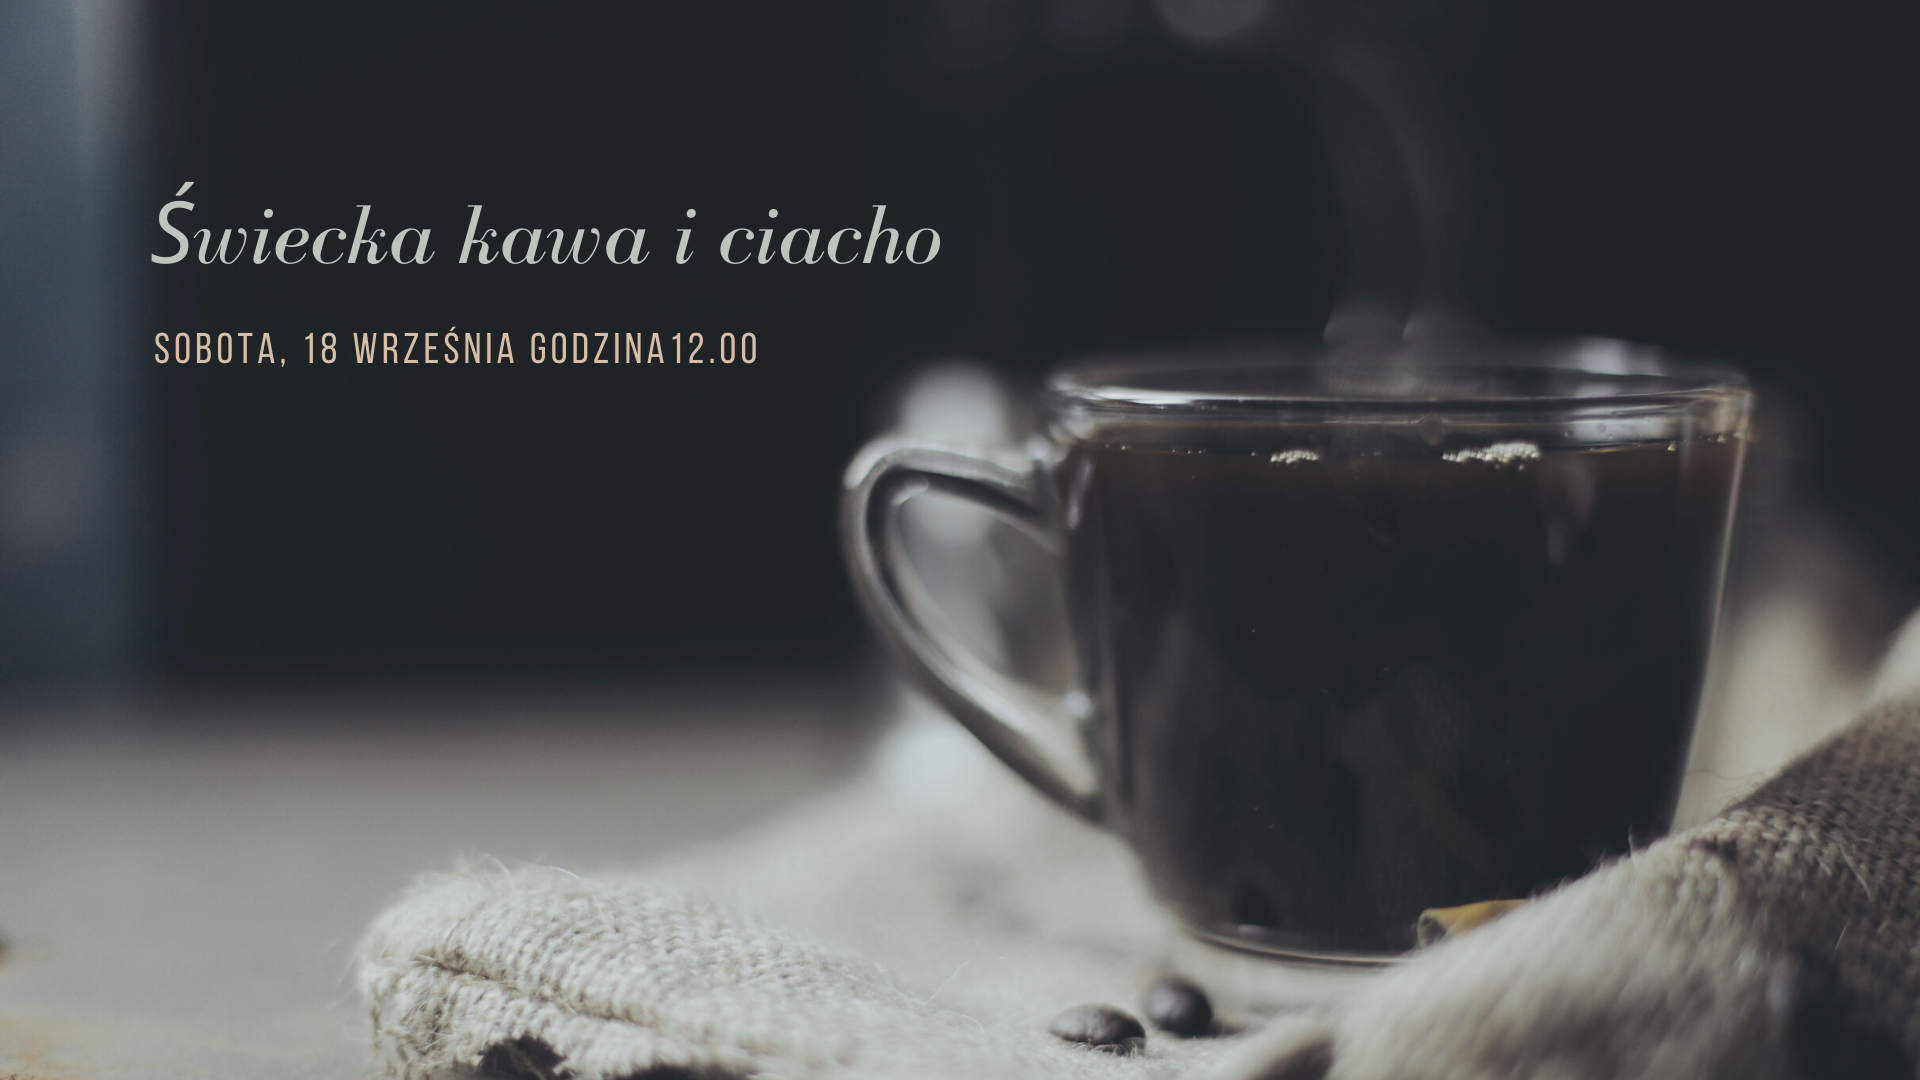 na tle filiżanki kawy: świecka kawa iciacho, sobota 18 września godz. 12.00